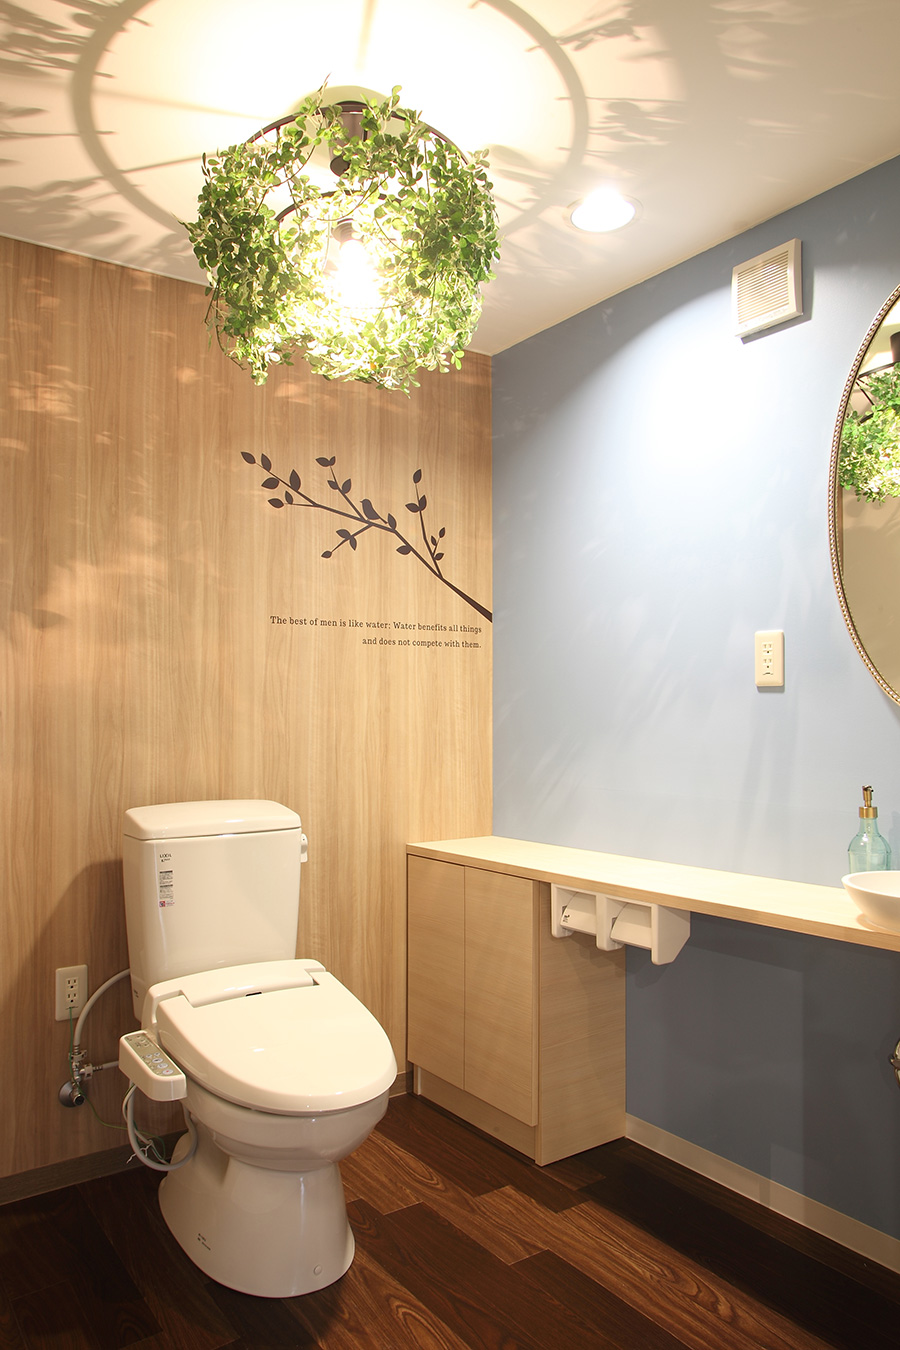 美容室のトイレデザイン